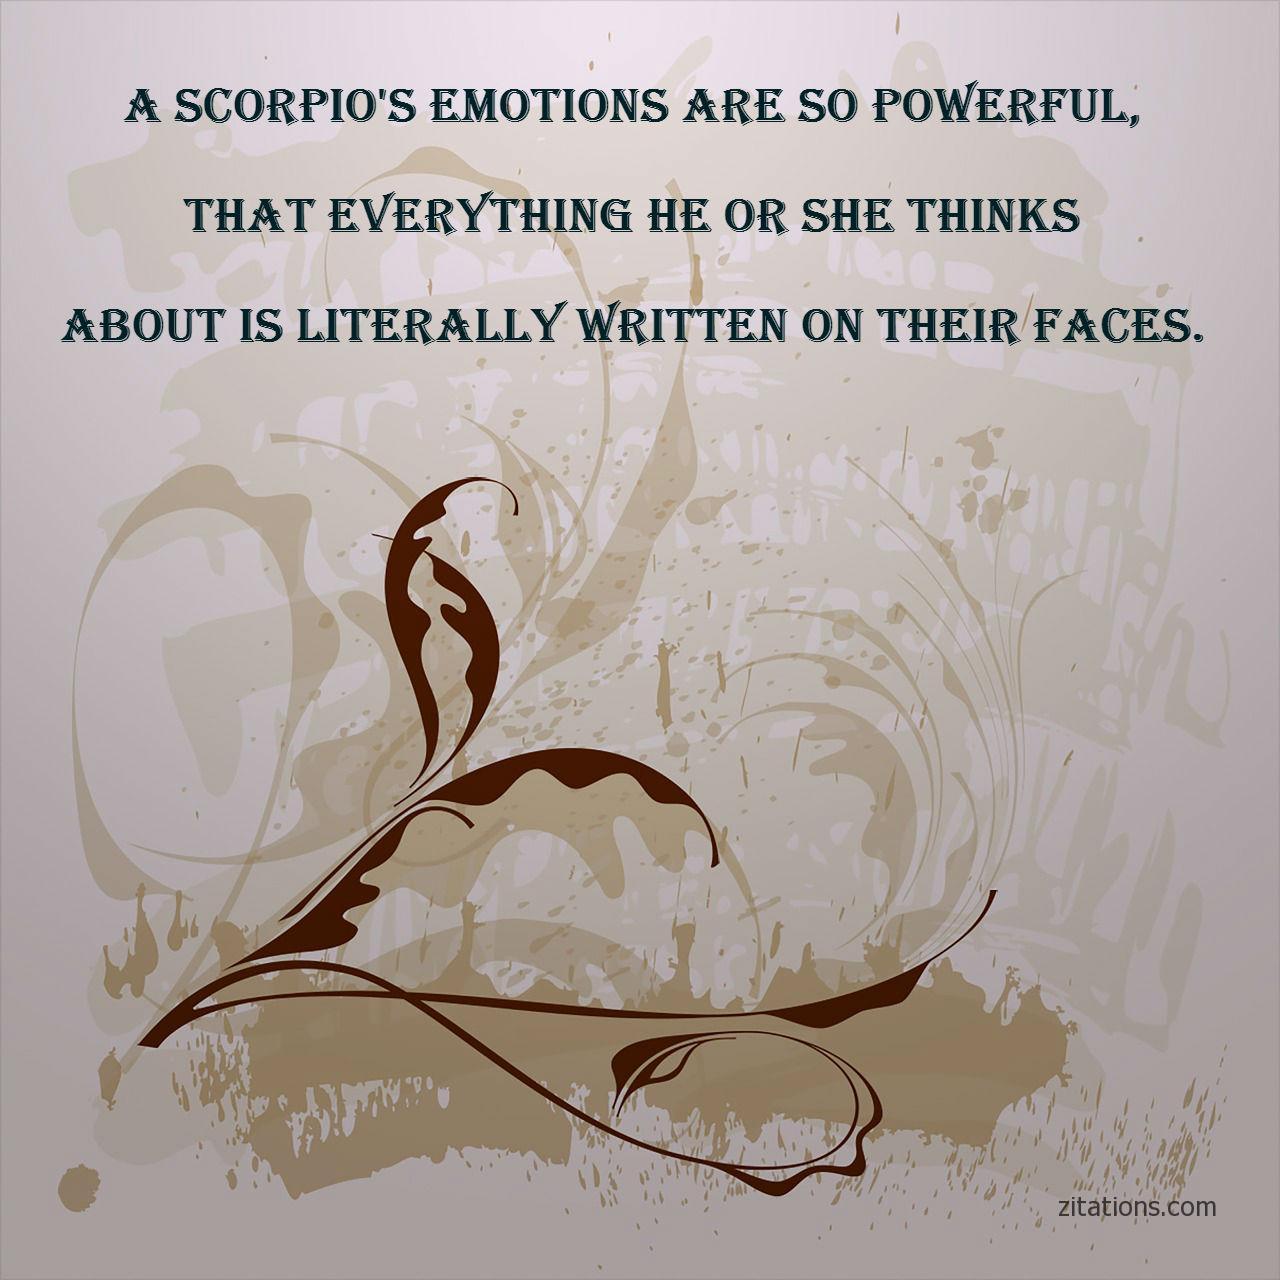 scorpio partner quotes 7